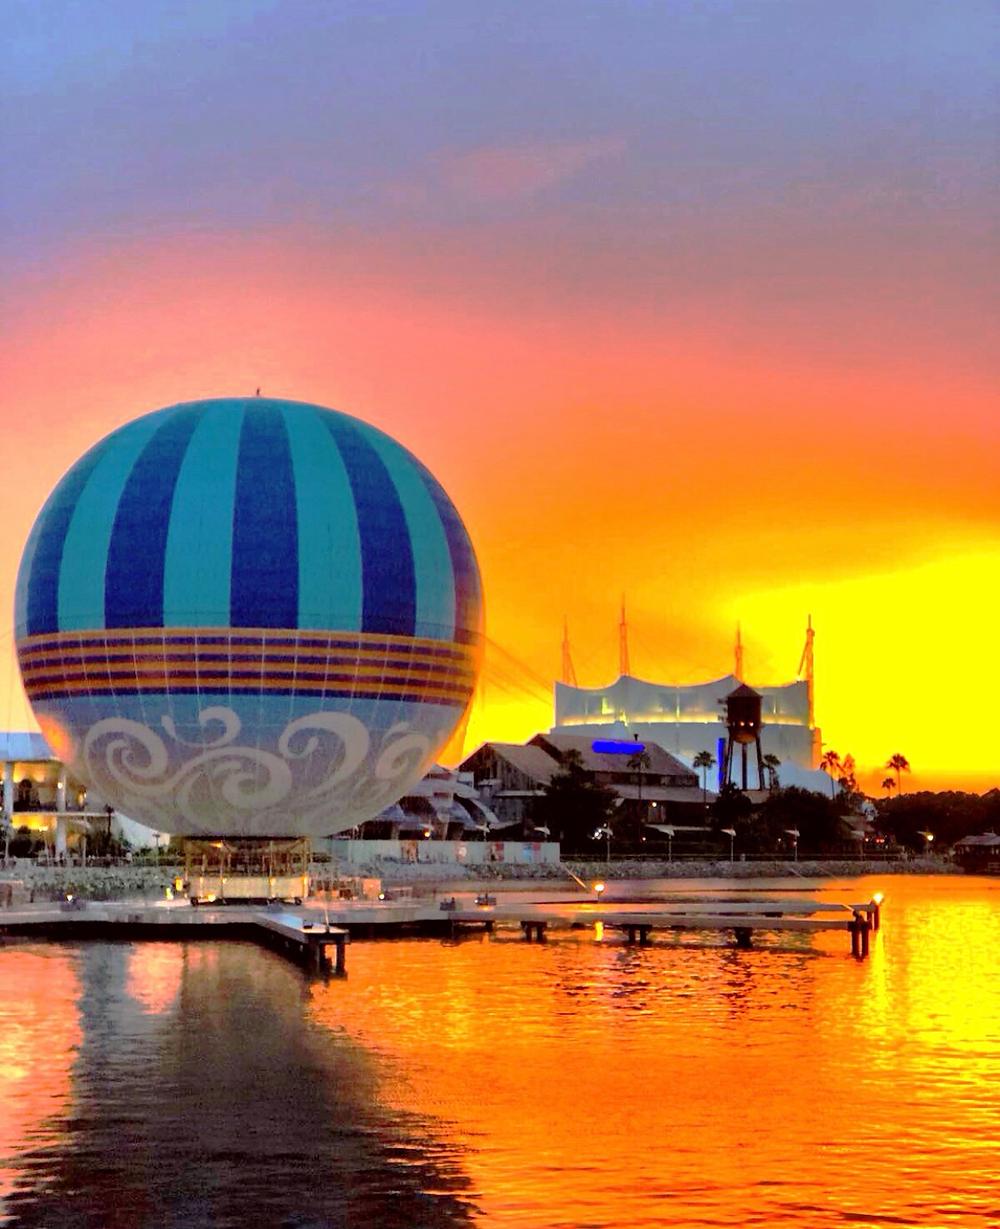 Reabertura de Disney Springs será dia 20 de maio | Imagem Revista Orlando WISH